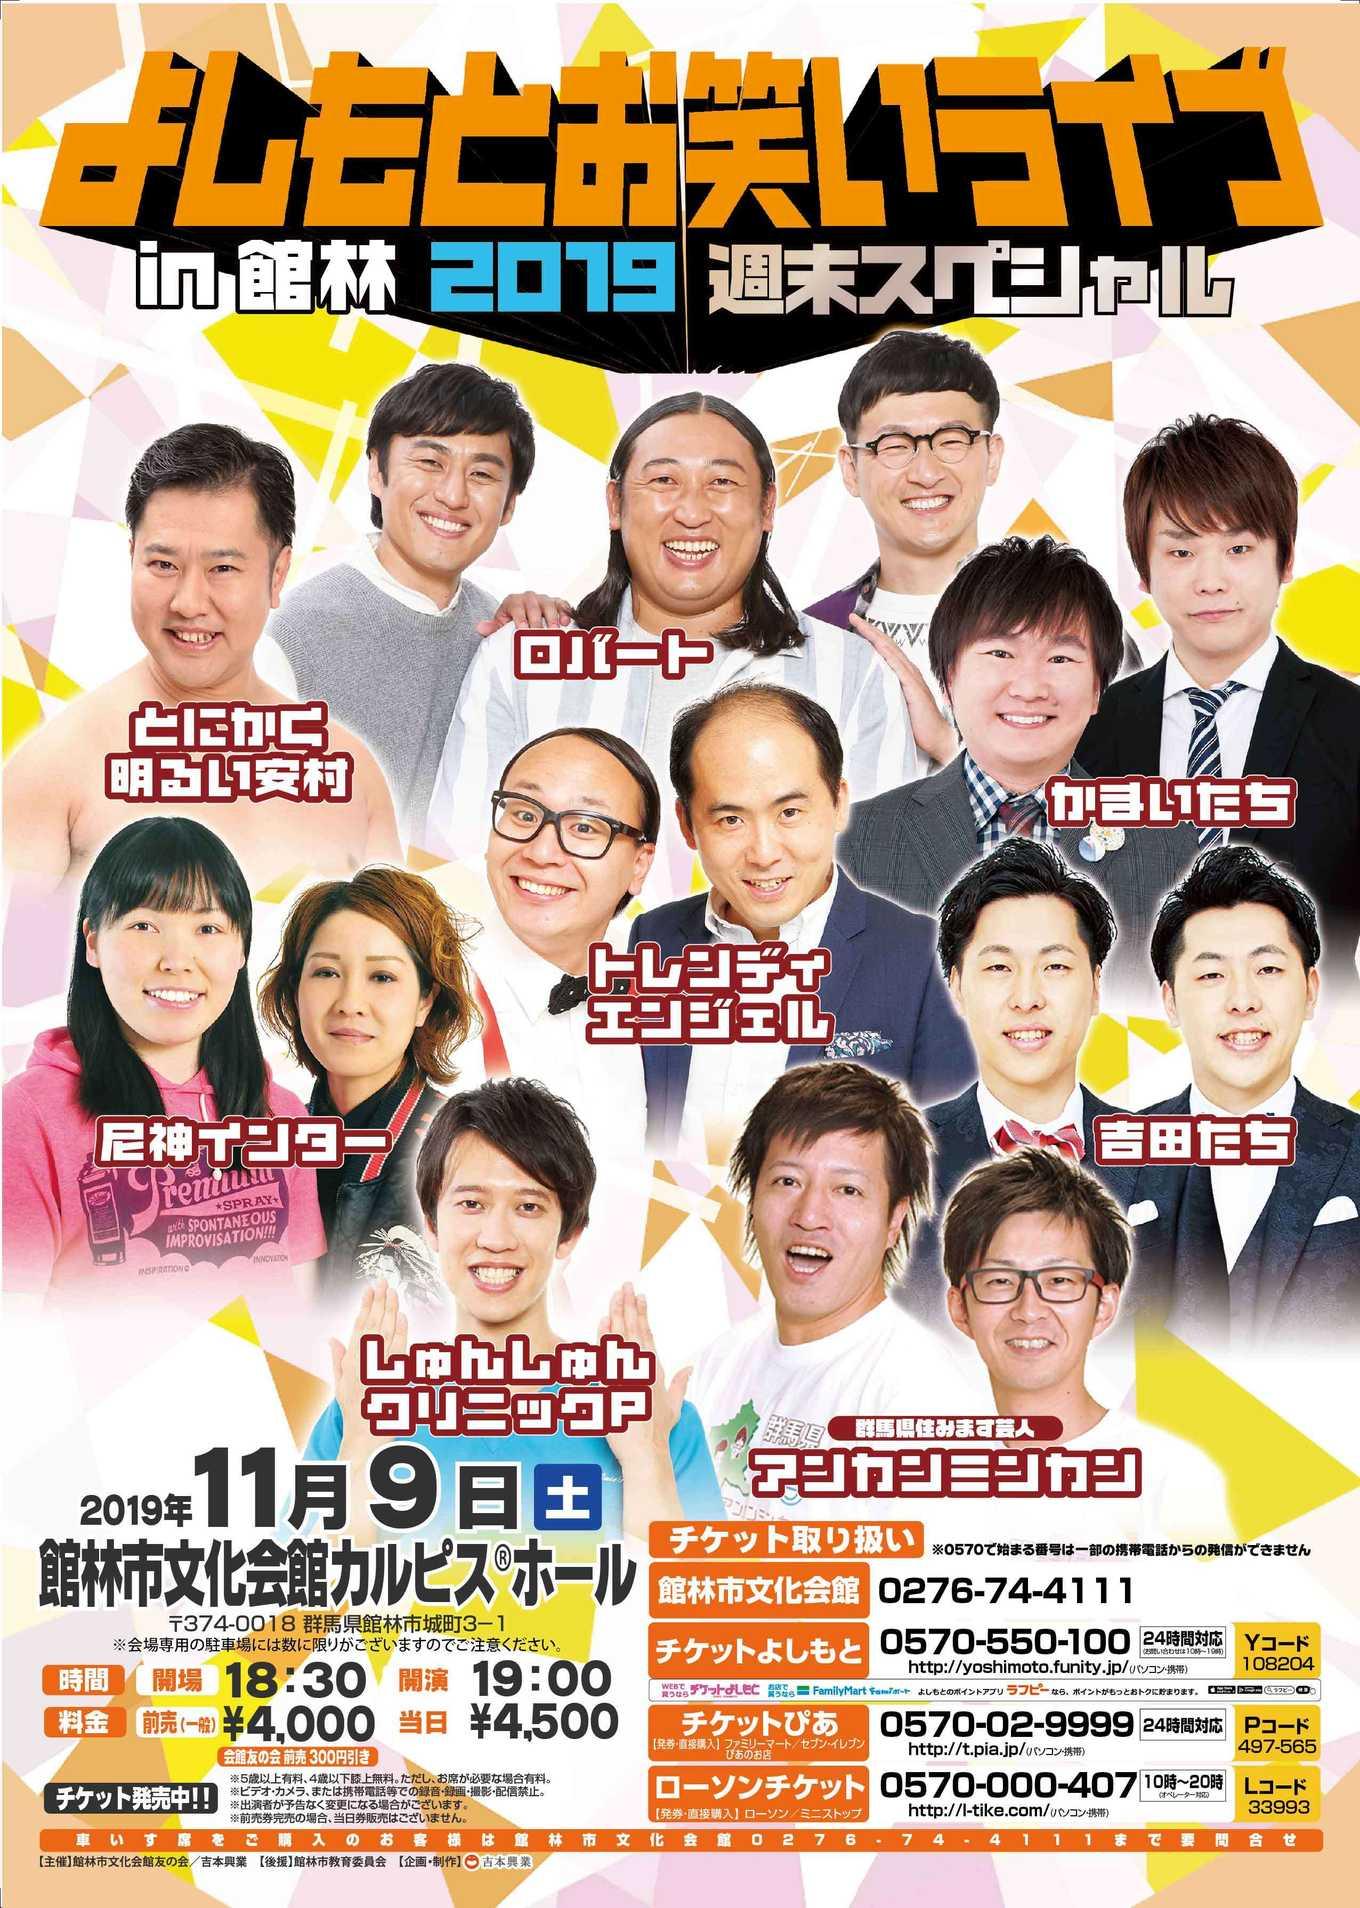 よしもとお笑いライブin館林2019~週末スペシャル~